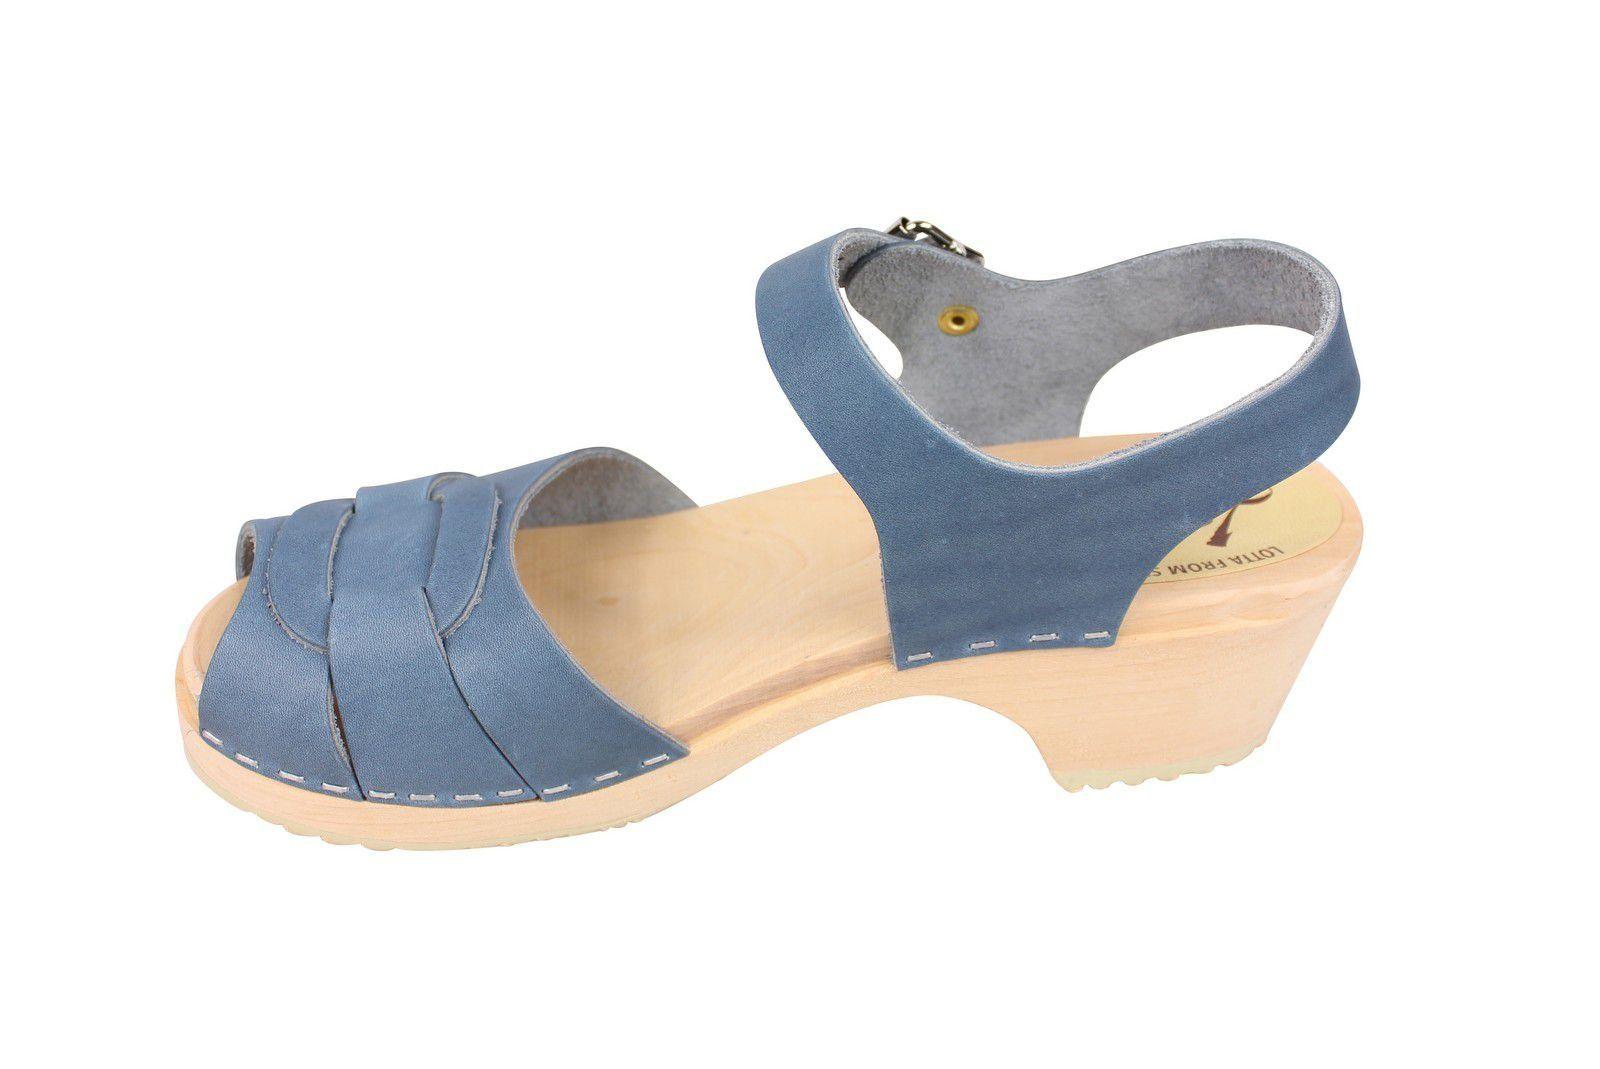 Lotta From Stockholm Low Heel Peep Toe in Steel Blue Leather Rev Side